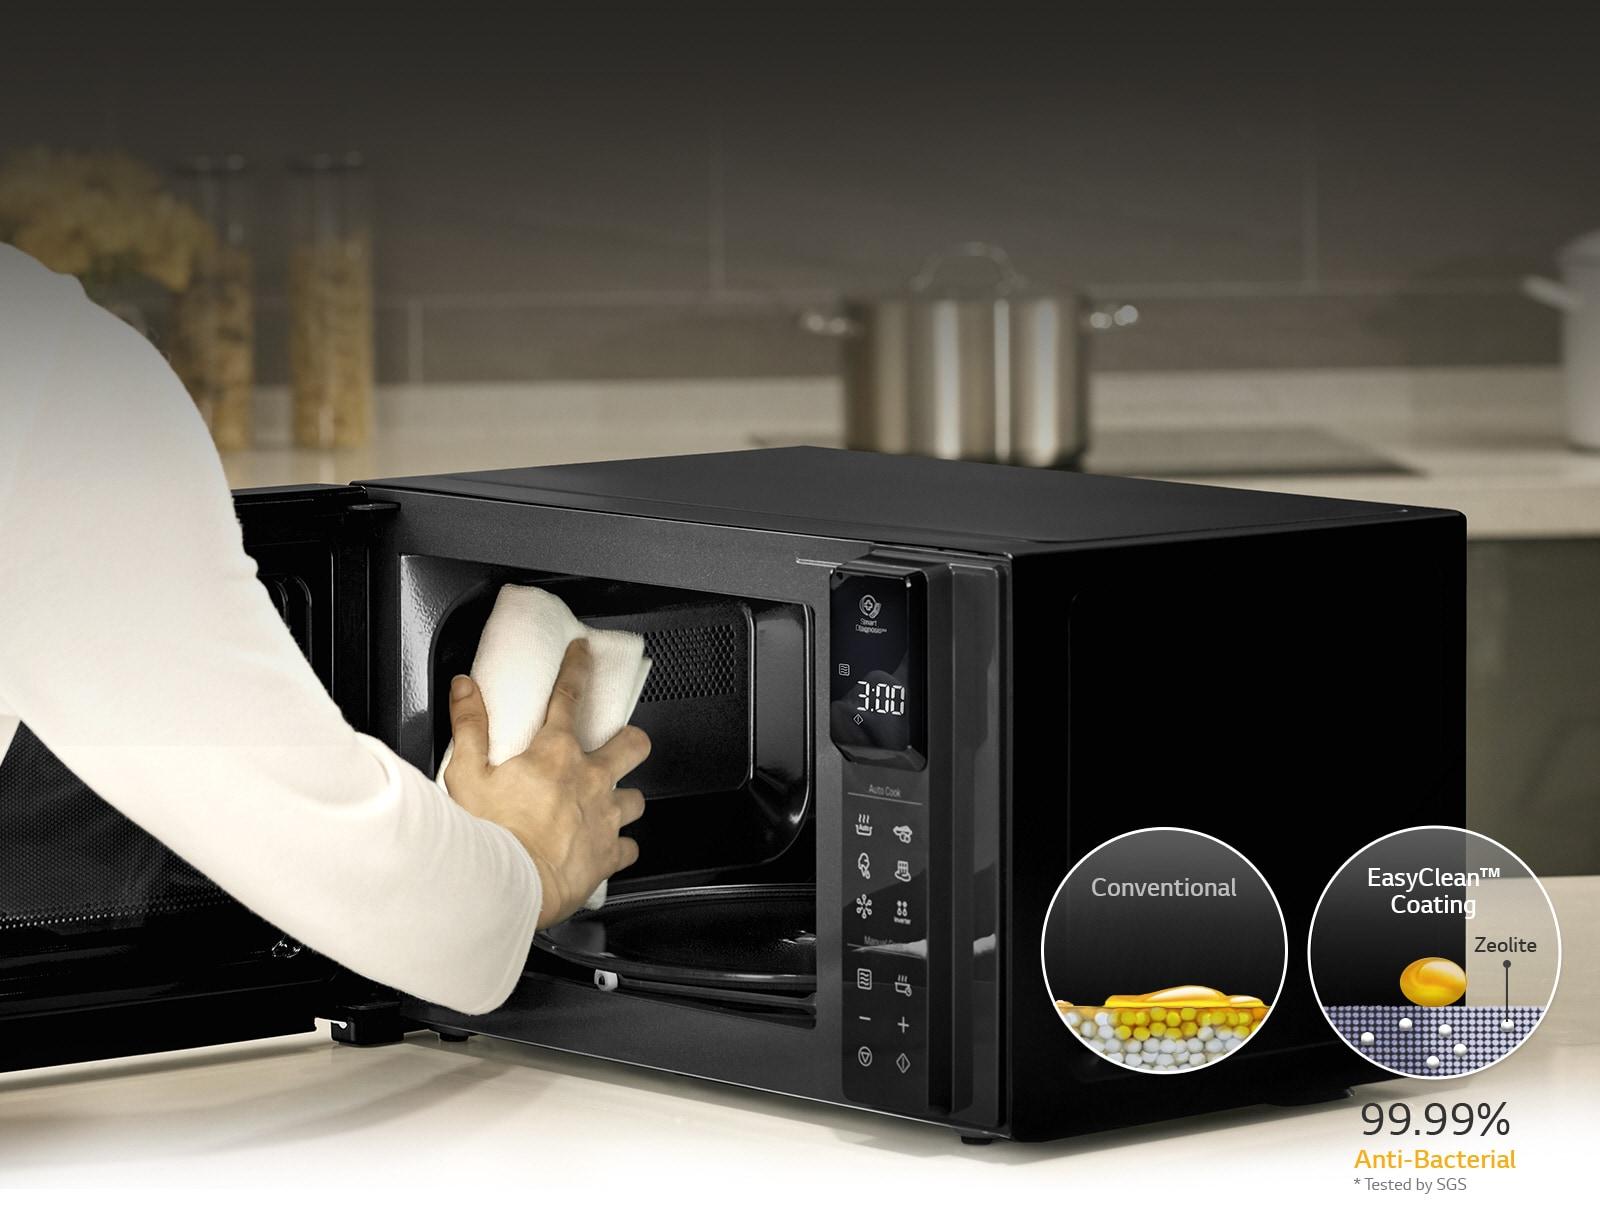 طلاء مضاد للبكتيريا EasyClean™ بنسبة 99.99%1